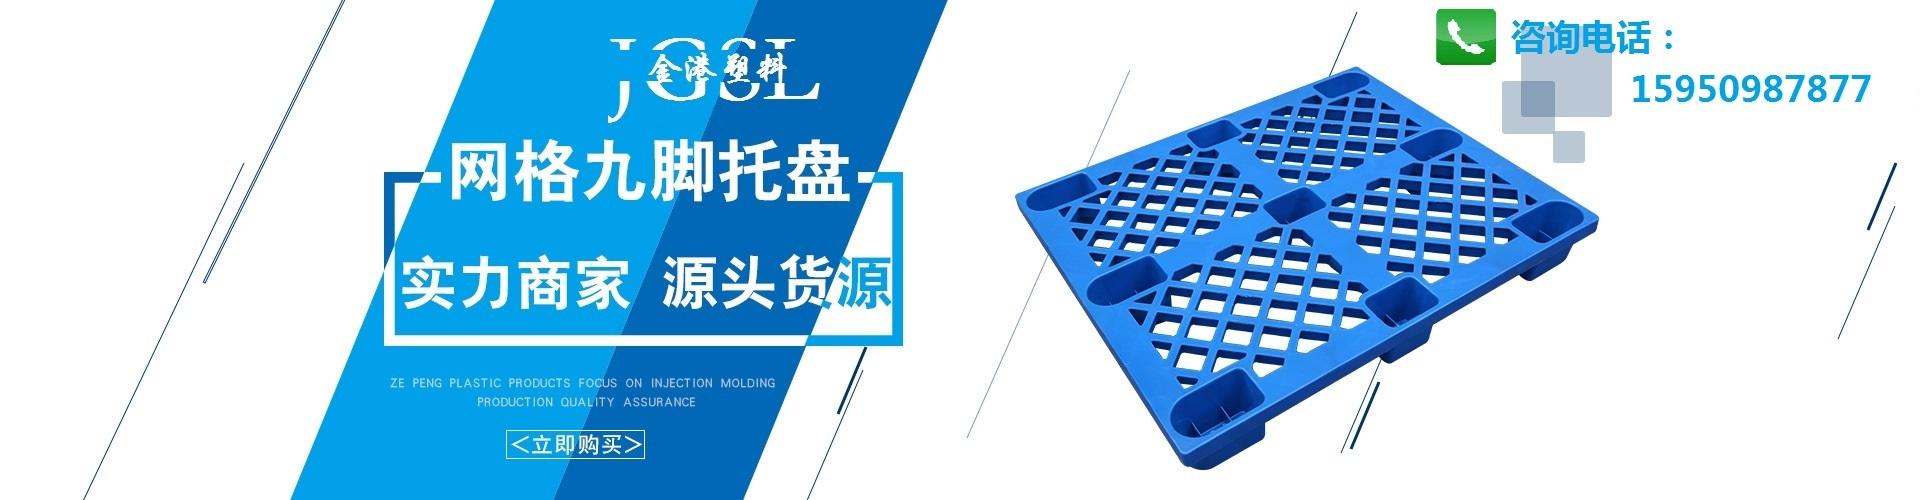 上海金港建广塑料有限公司